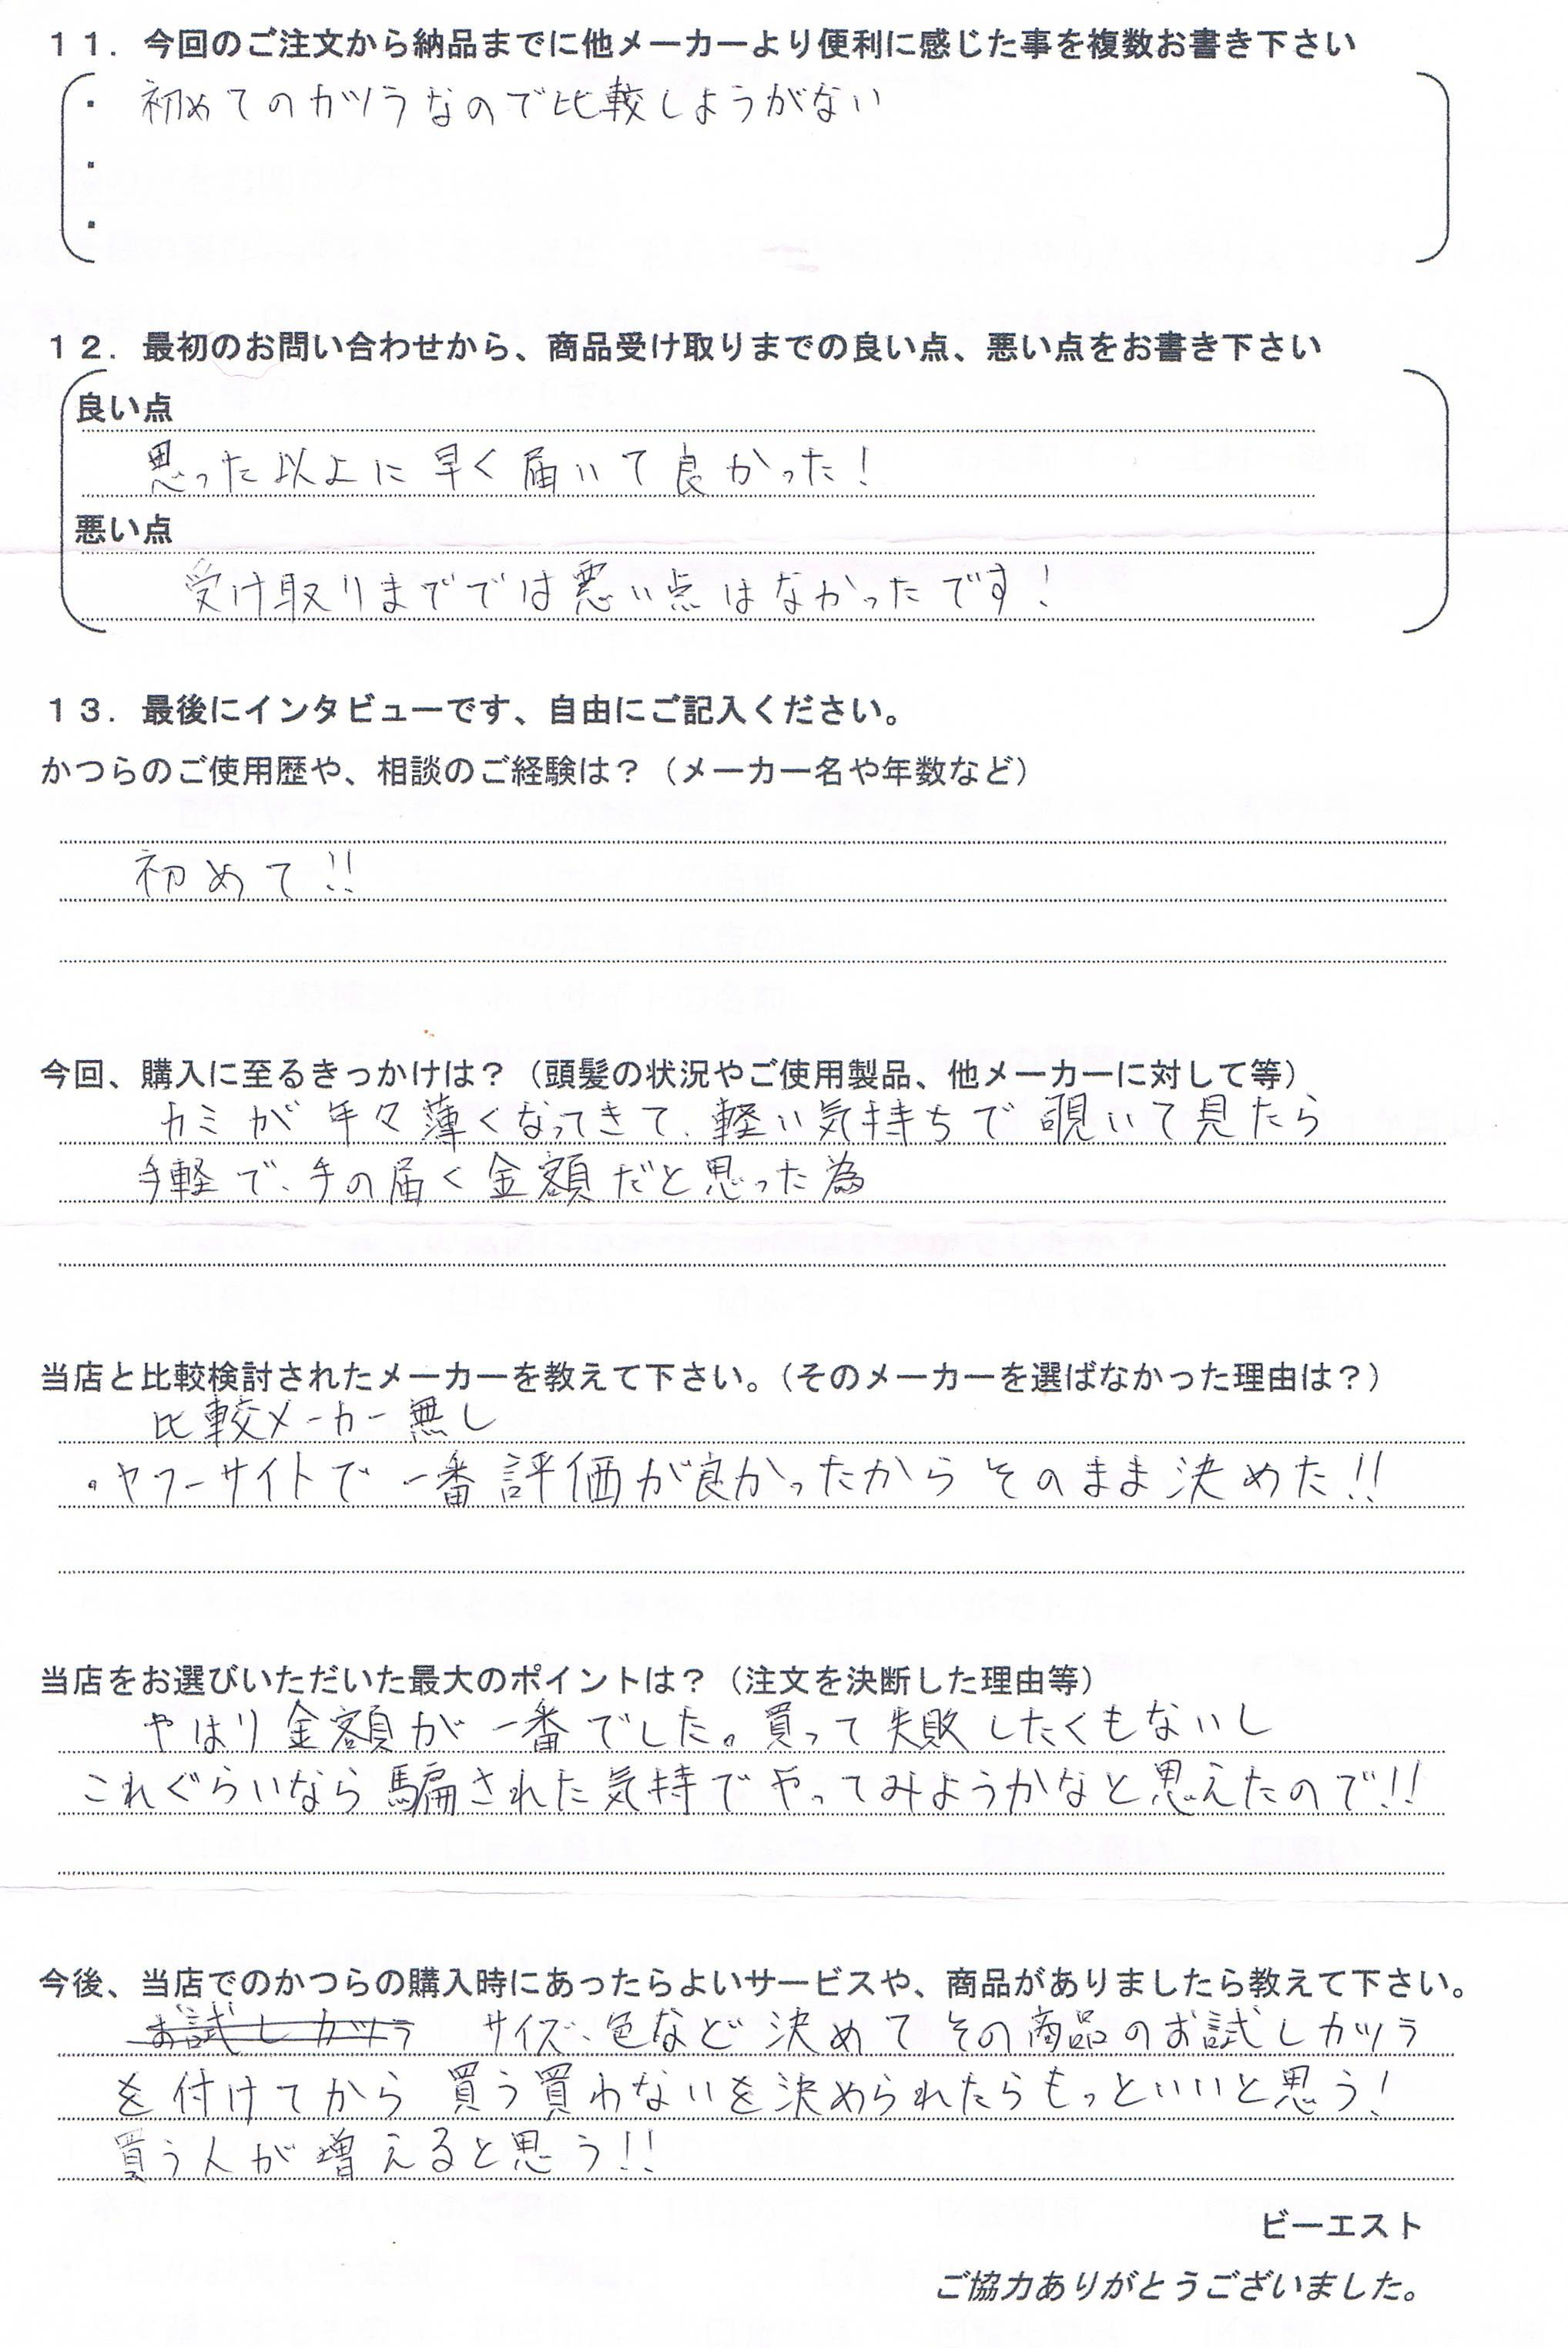 茨城県30代(かつら初めて、年々毛が薄く)